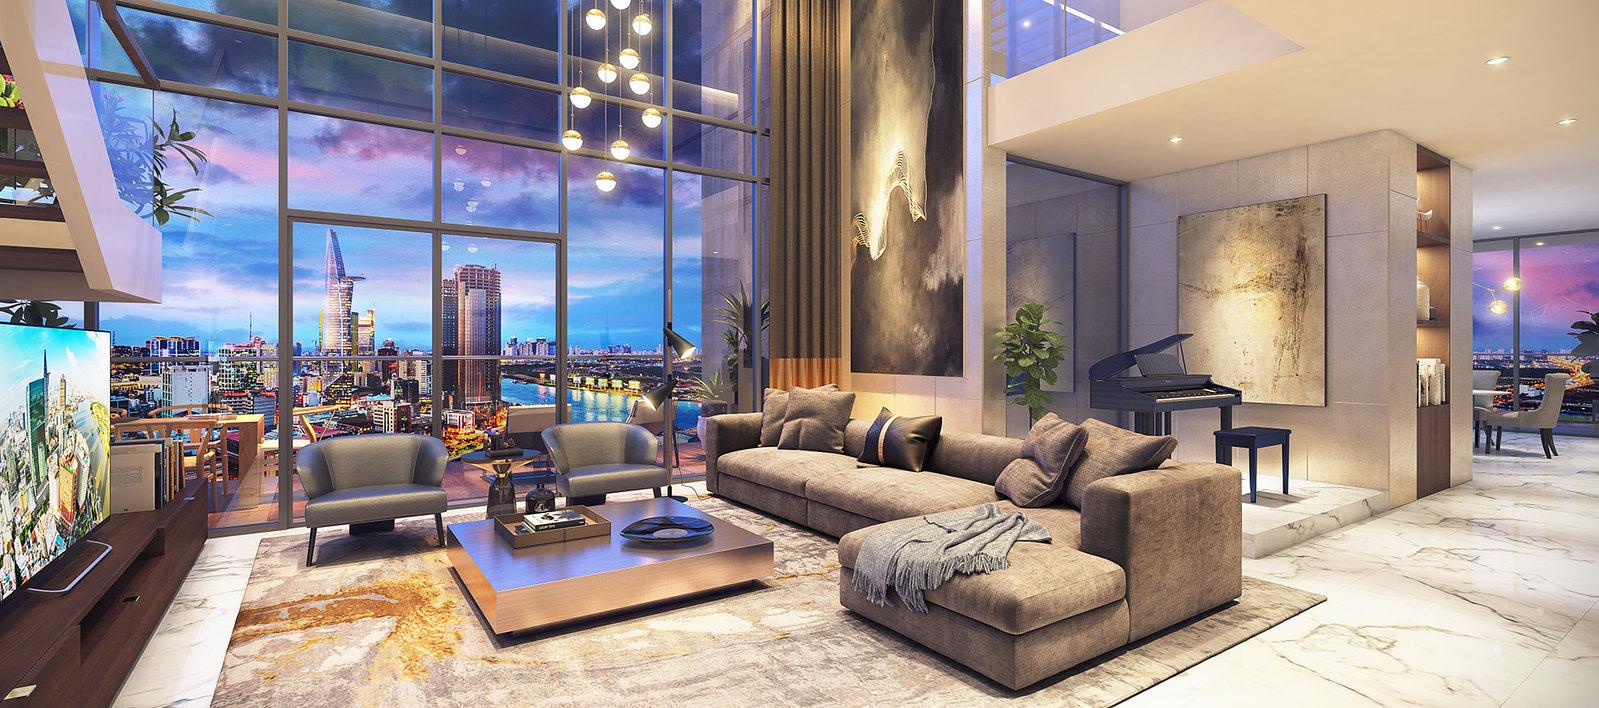 Căn hộ penthouse là gì? Điều bạn cần biết